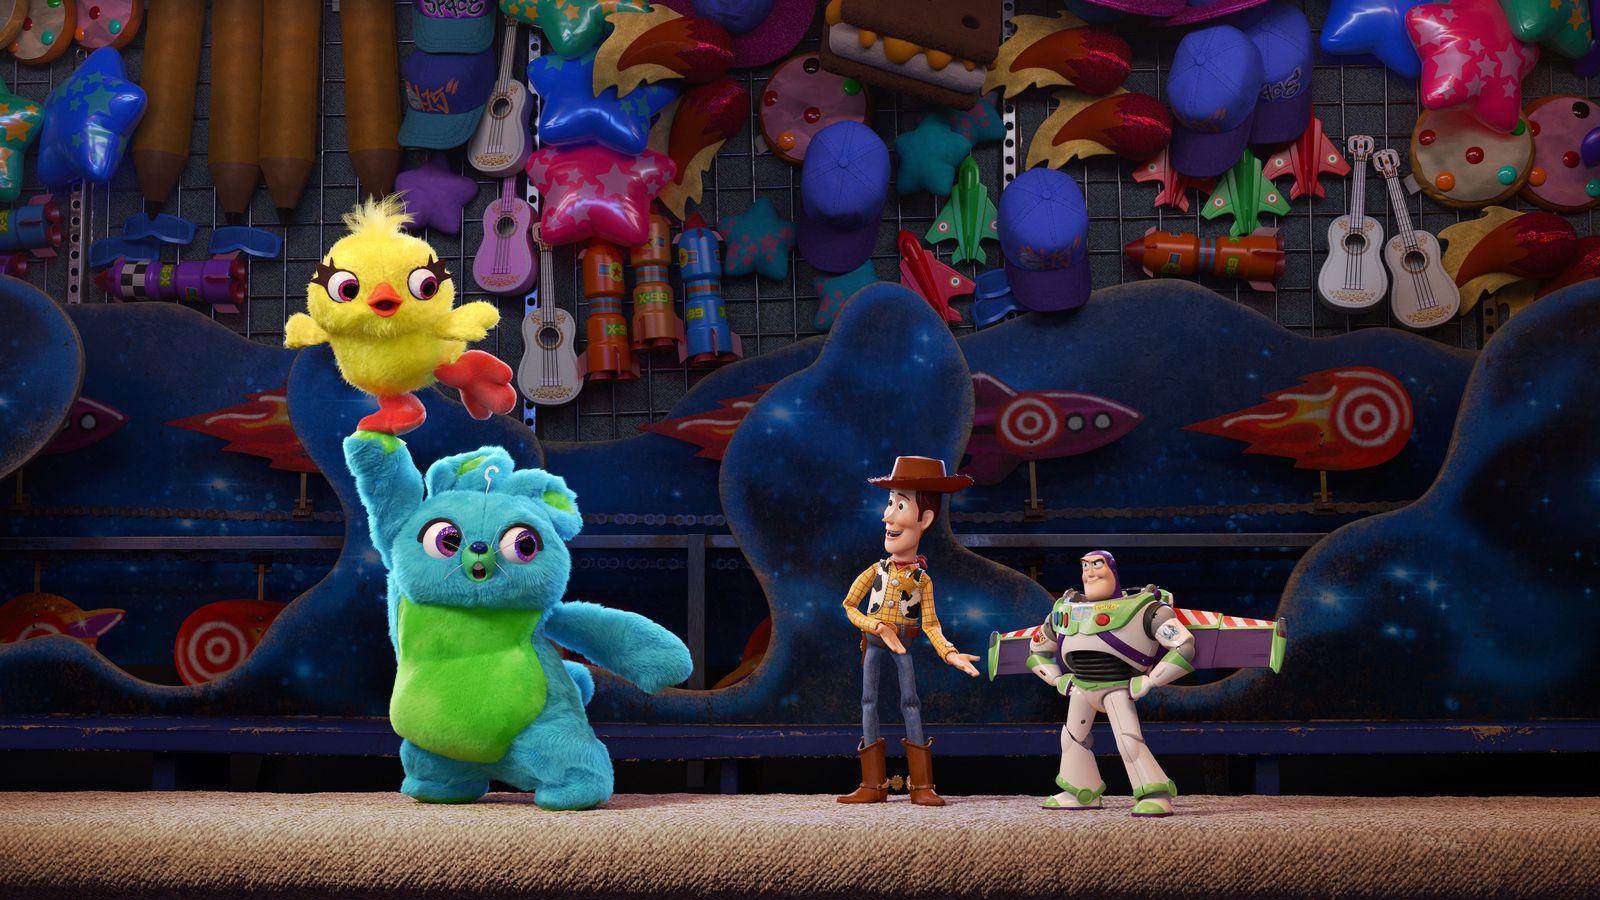 اولین آنونس Toy Story 4؛ وودی و باز با یک دوست جدید عجیب بازگشتهاند